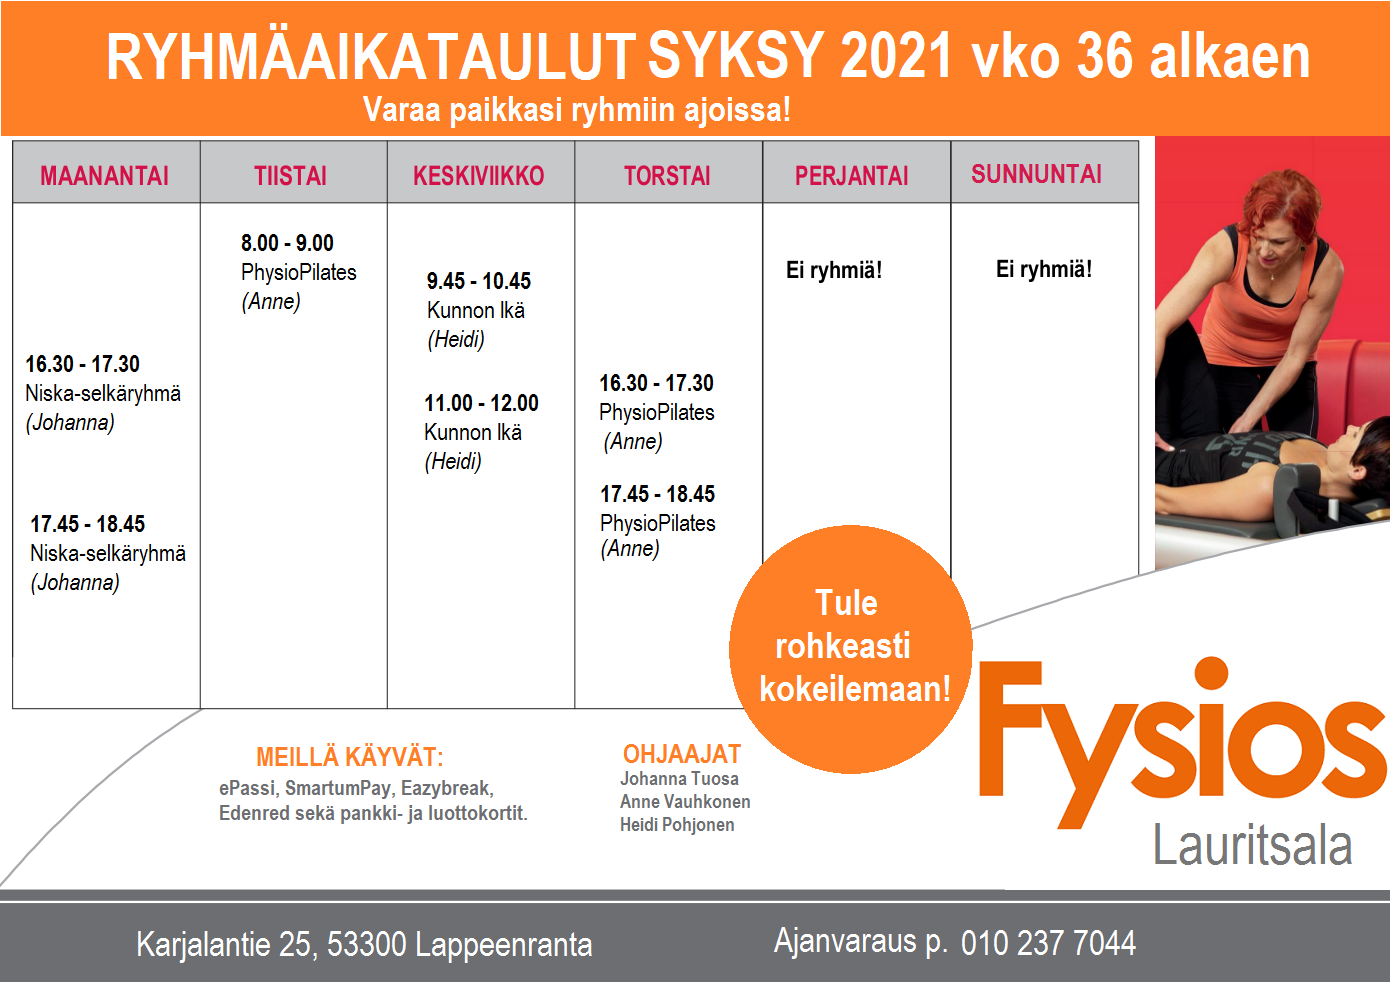 Fysios Lauritsala ryhmäaikataulut syksy 2021